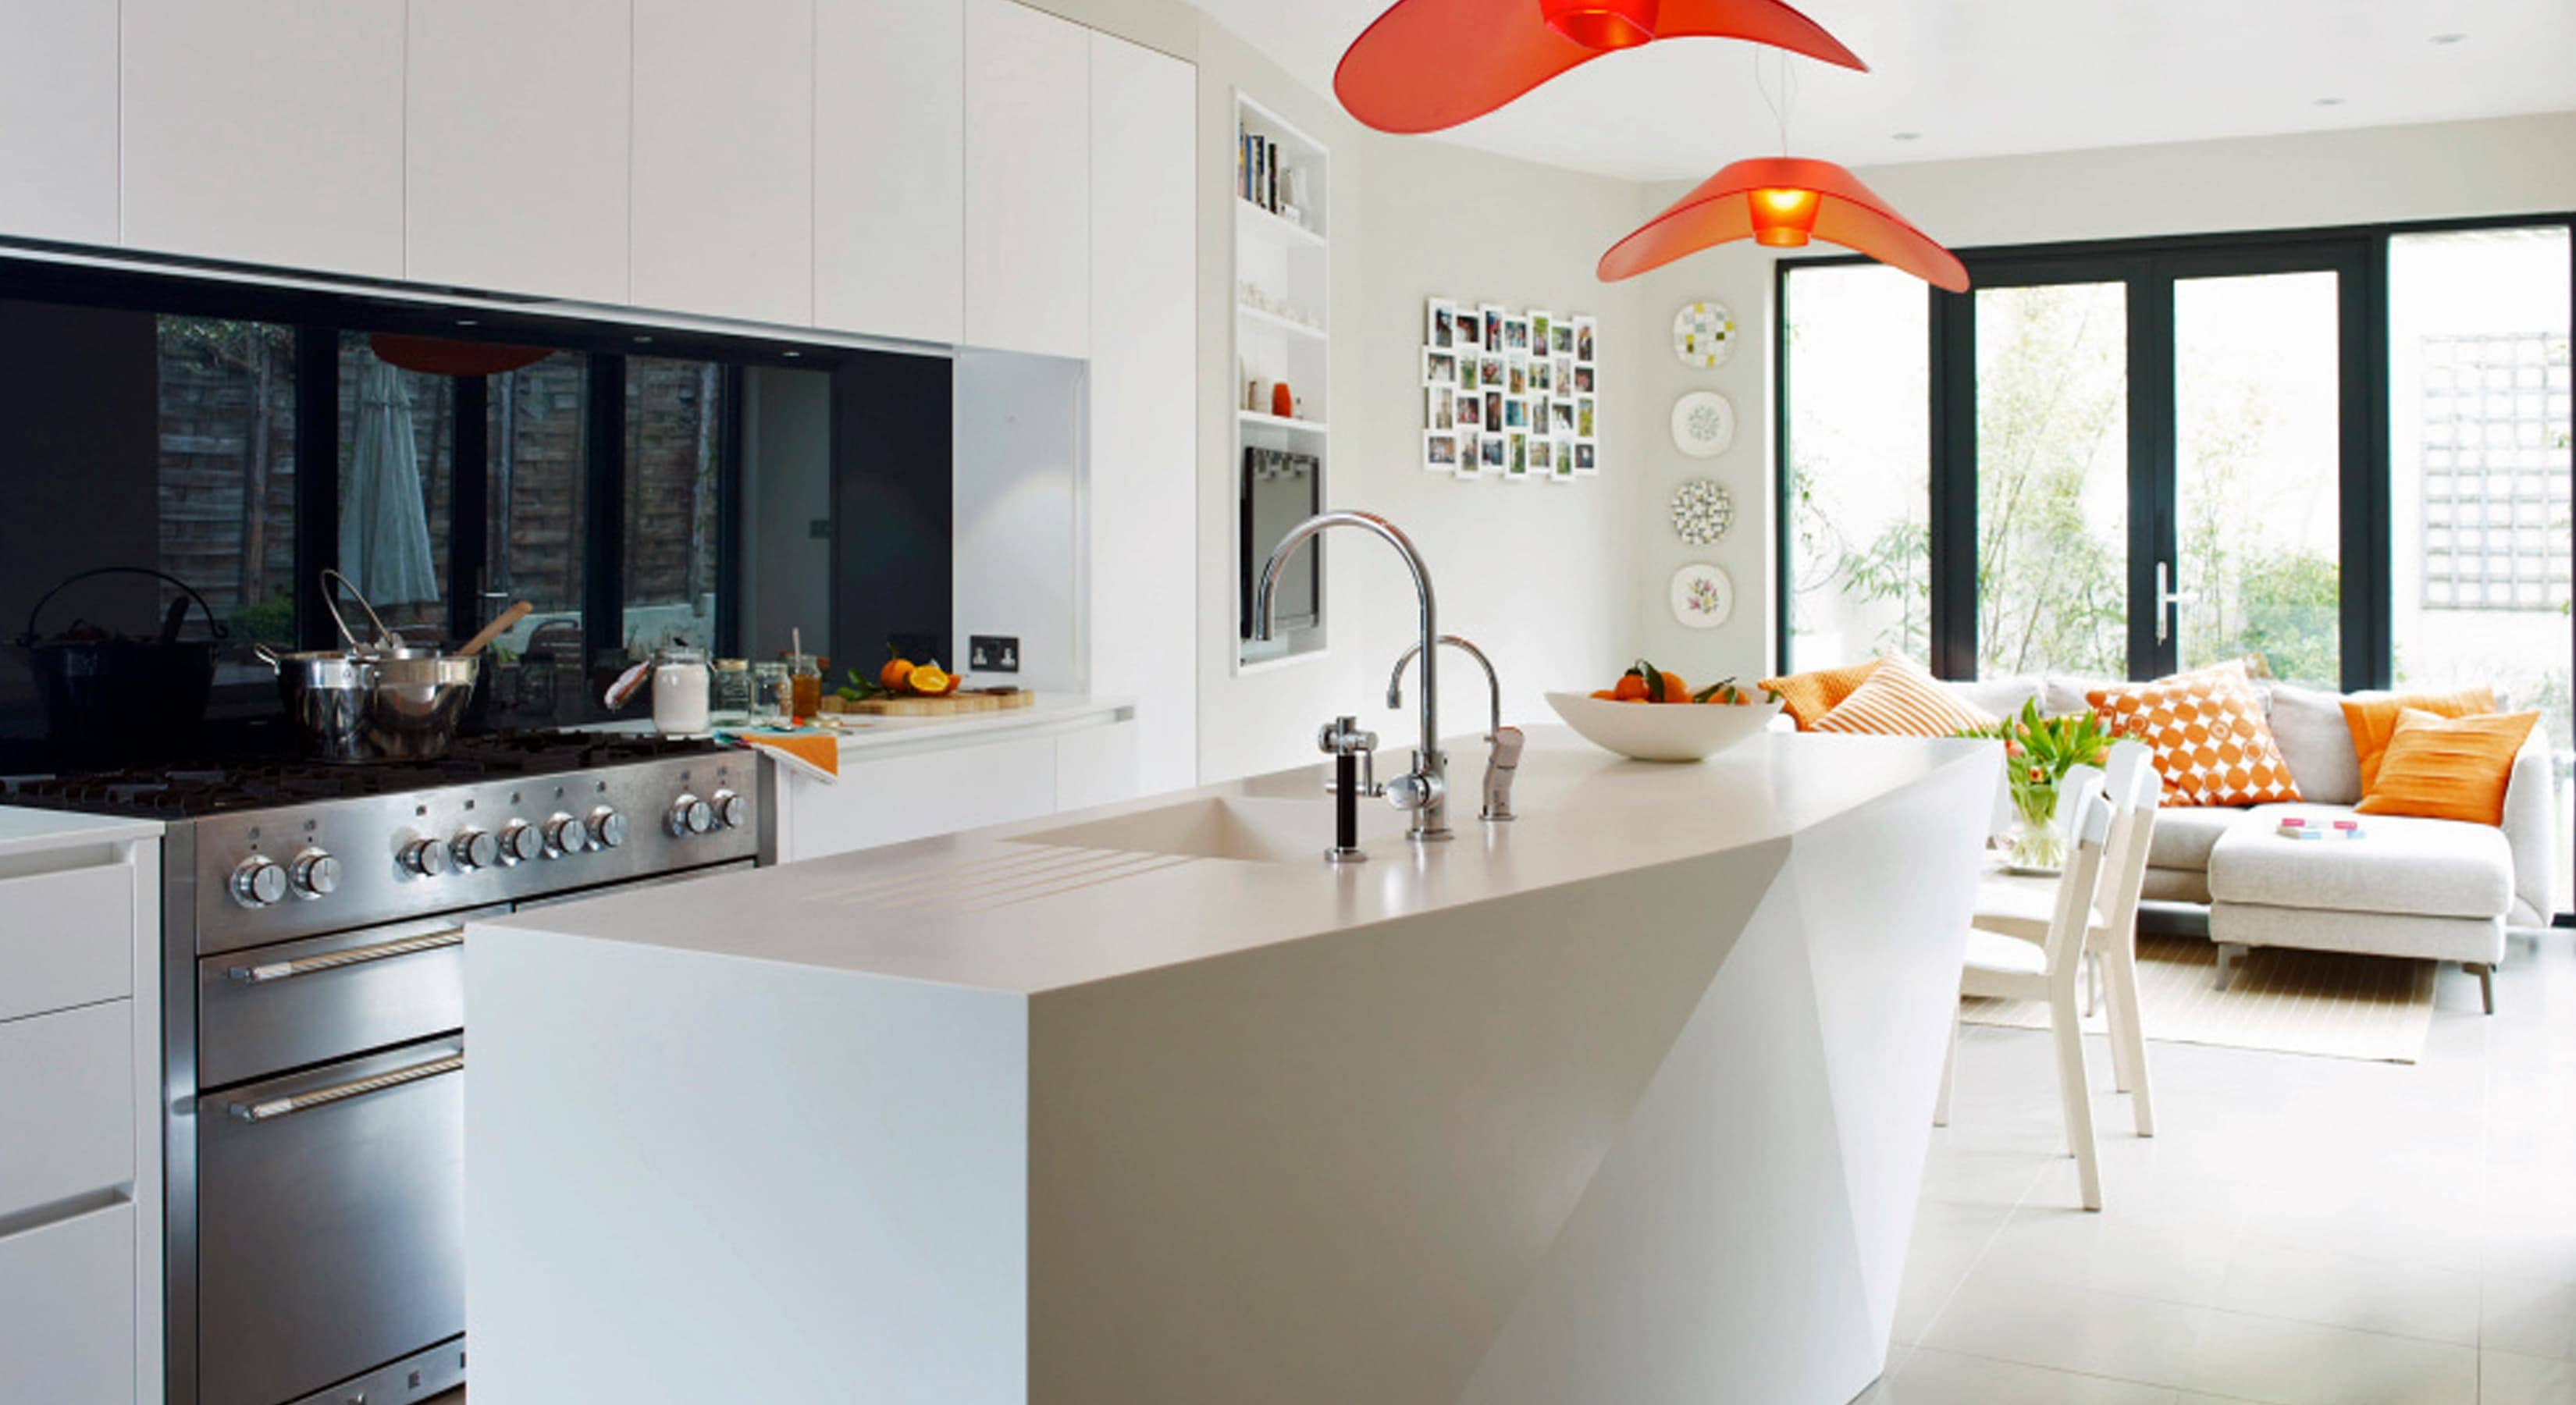 Art deco Jones kitchen extension concept